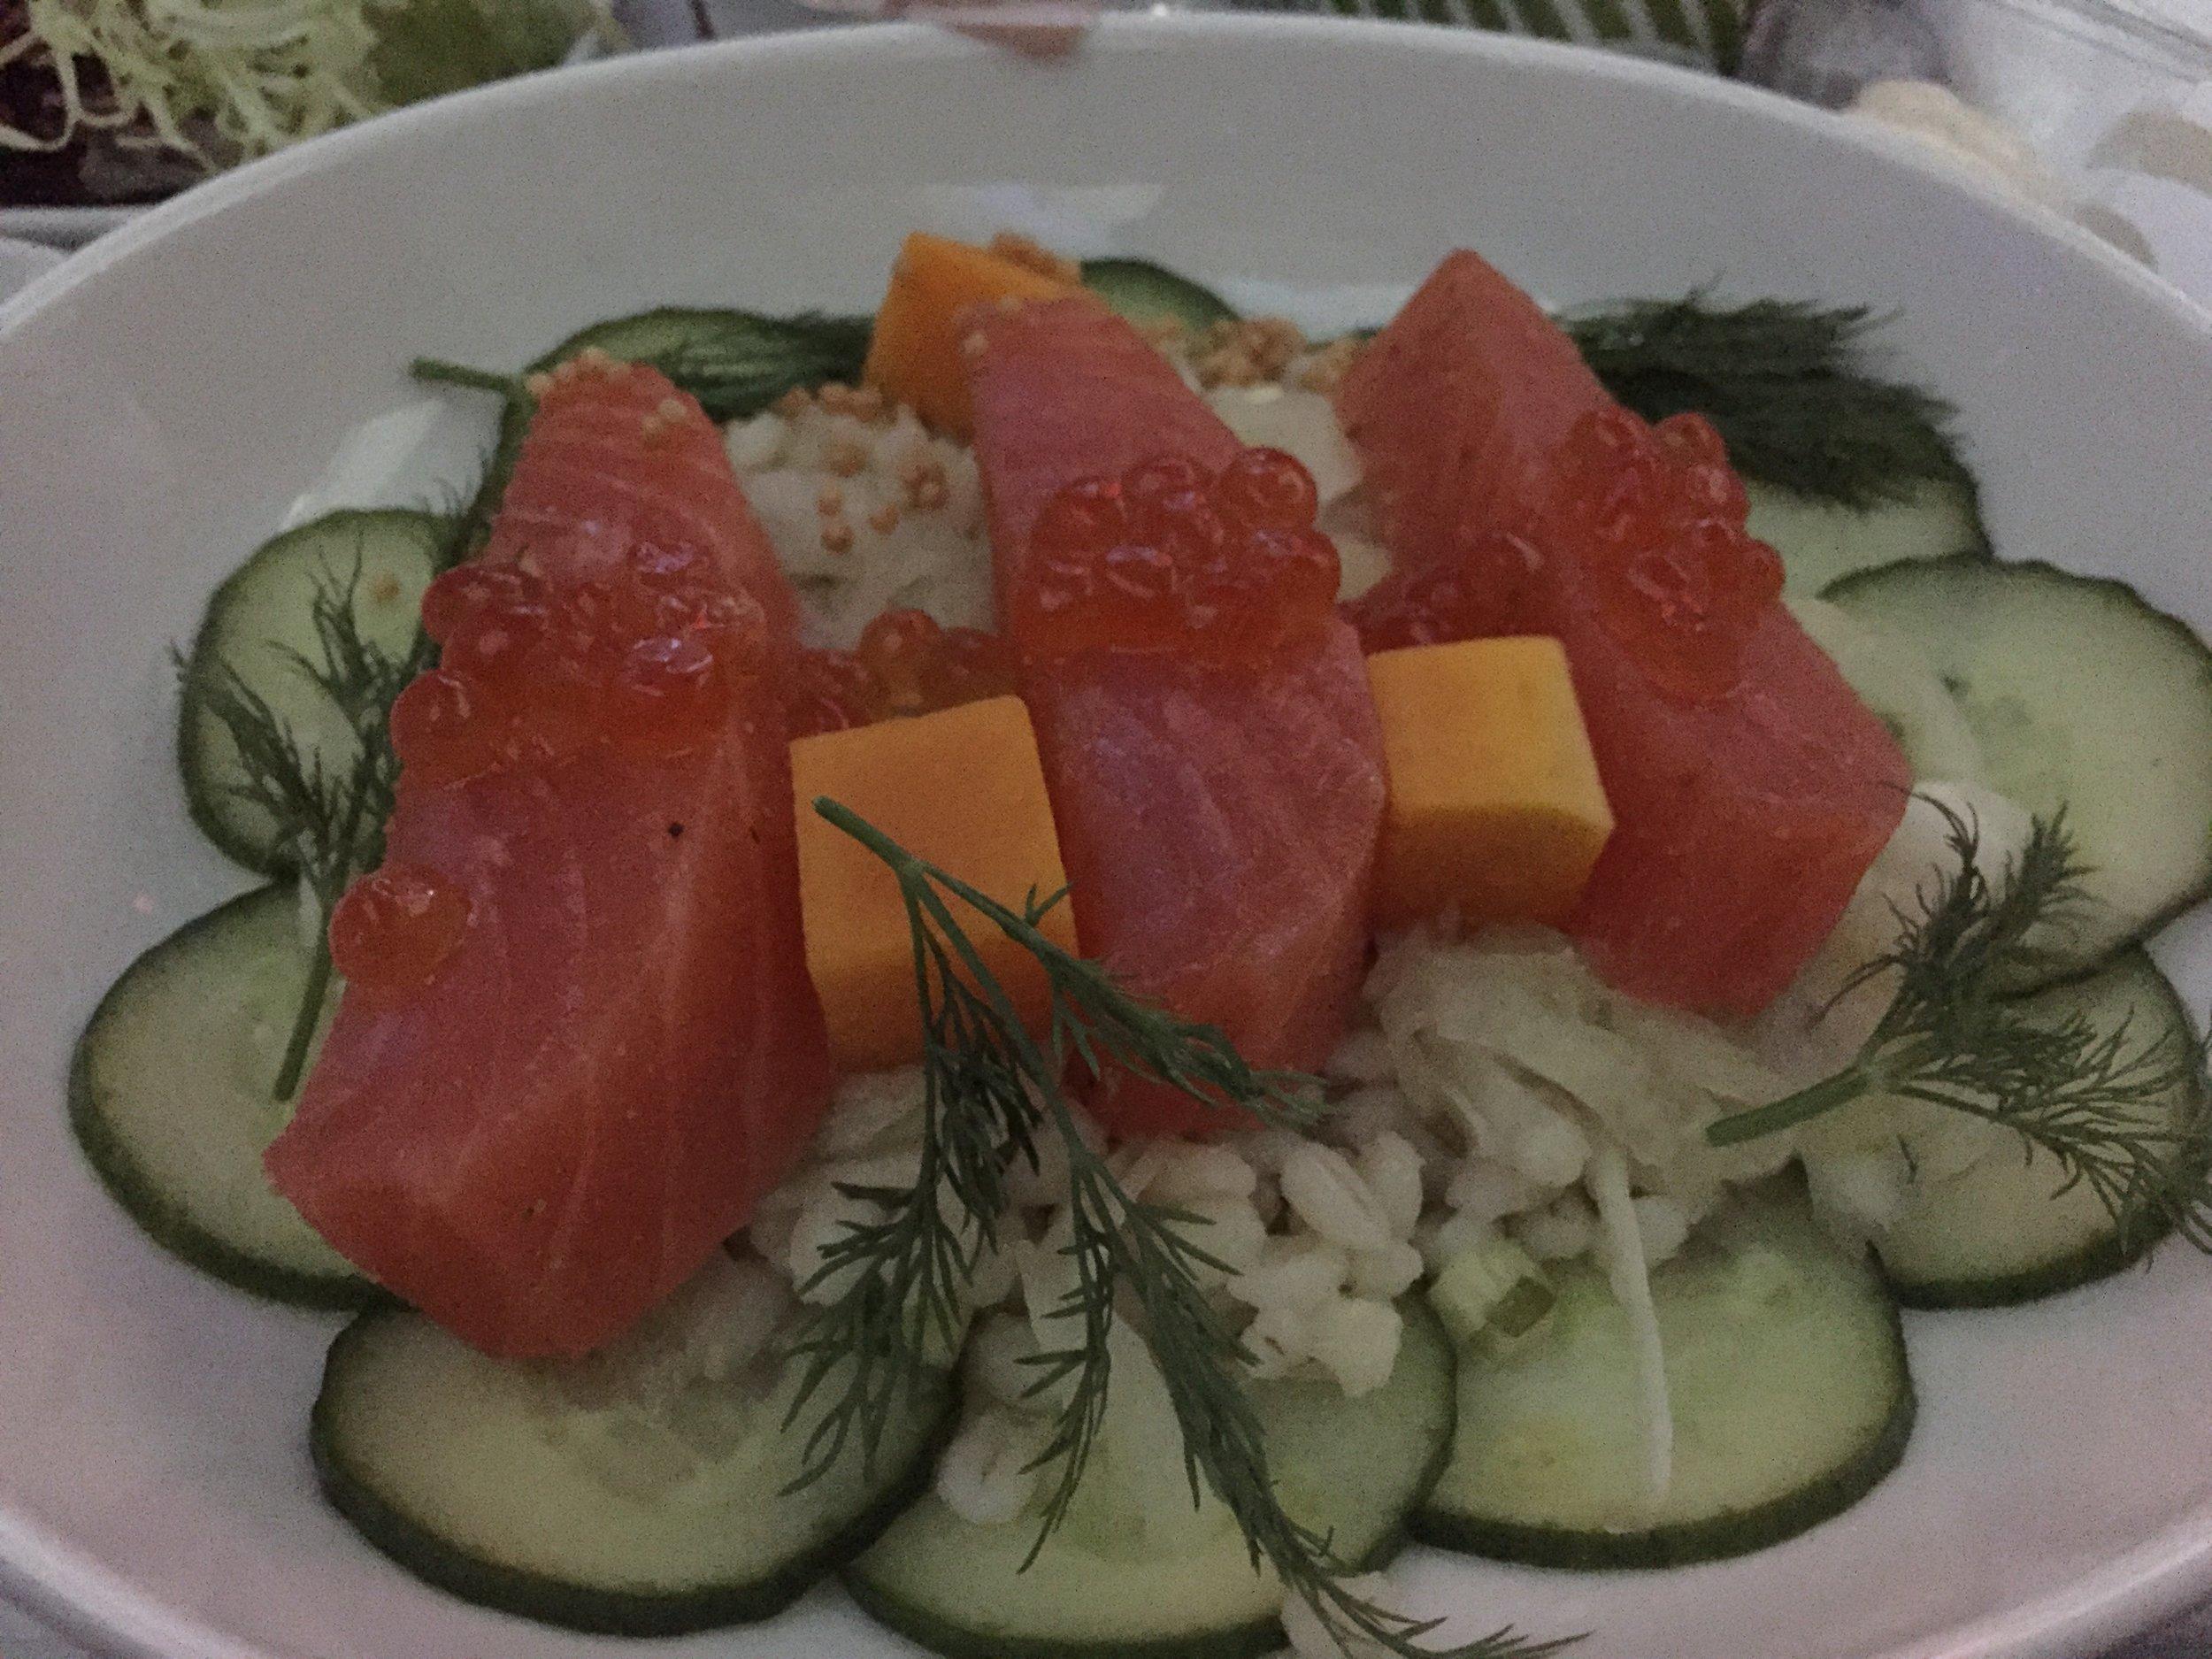 finnair business class meal.JPG